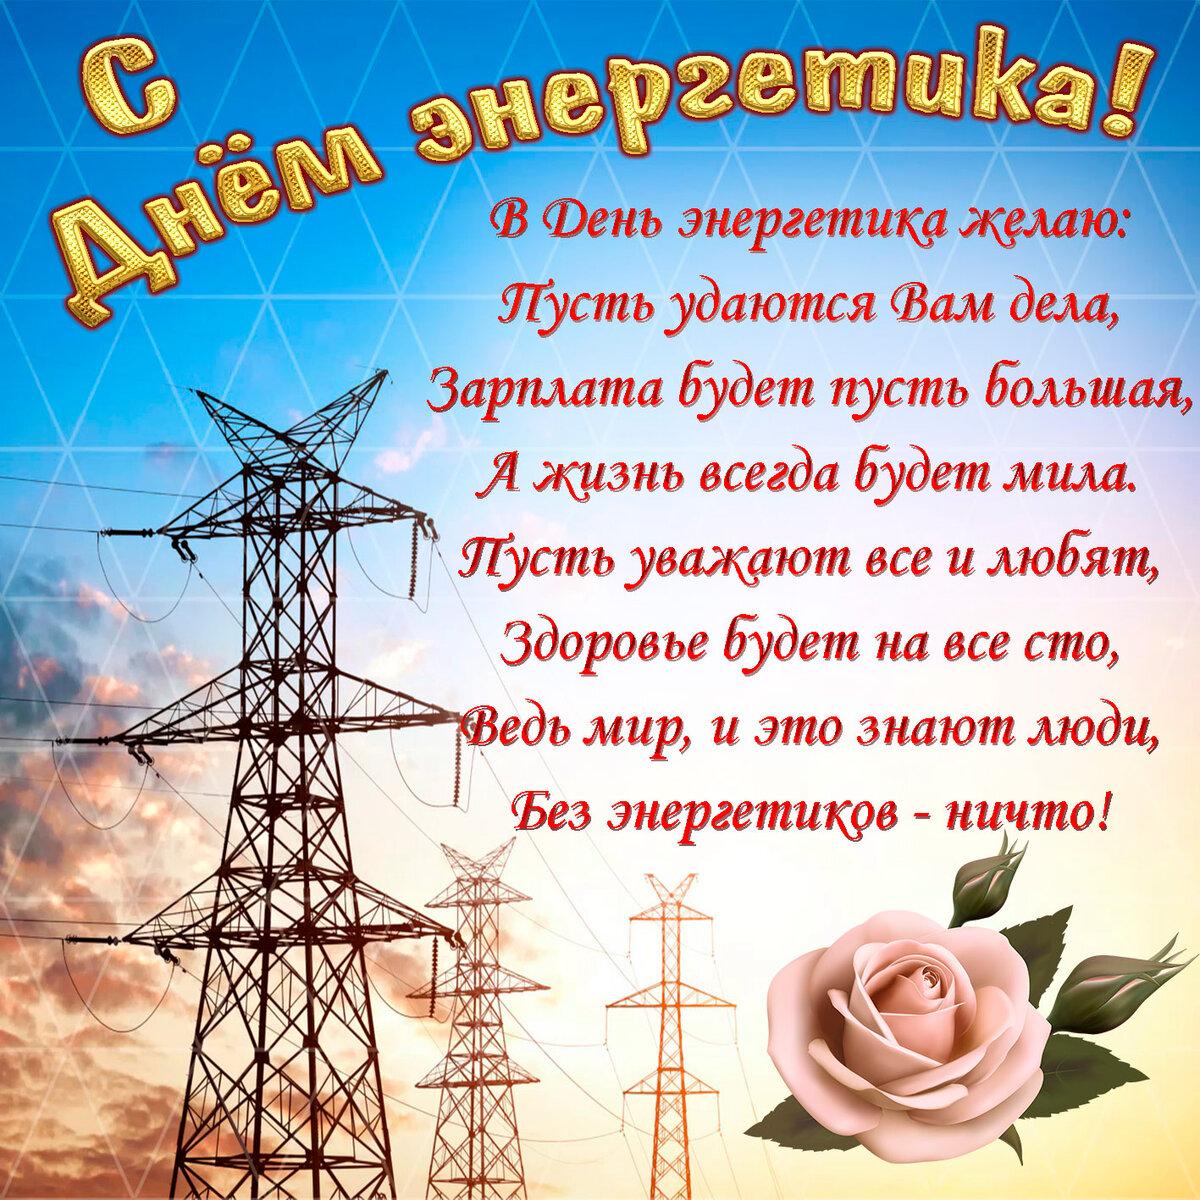 Директору днем, открытки с энергетиками